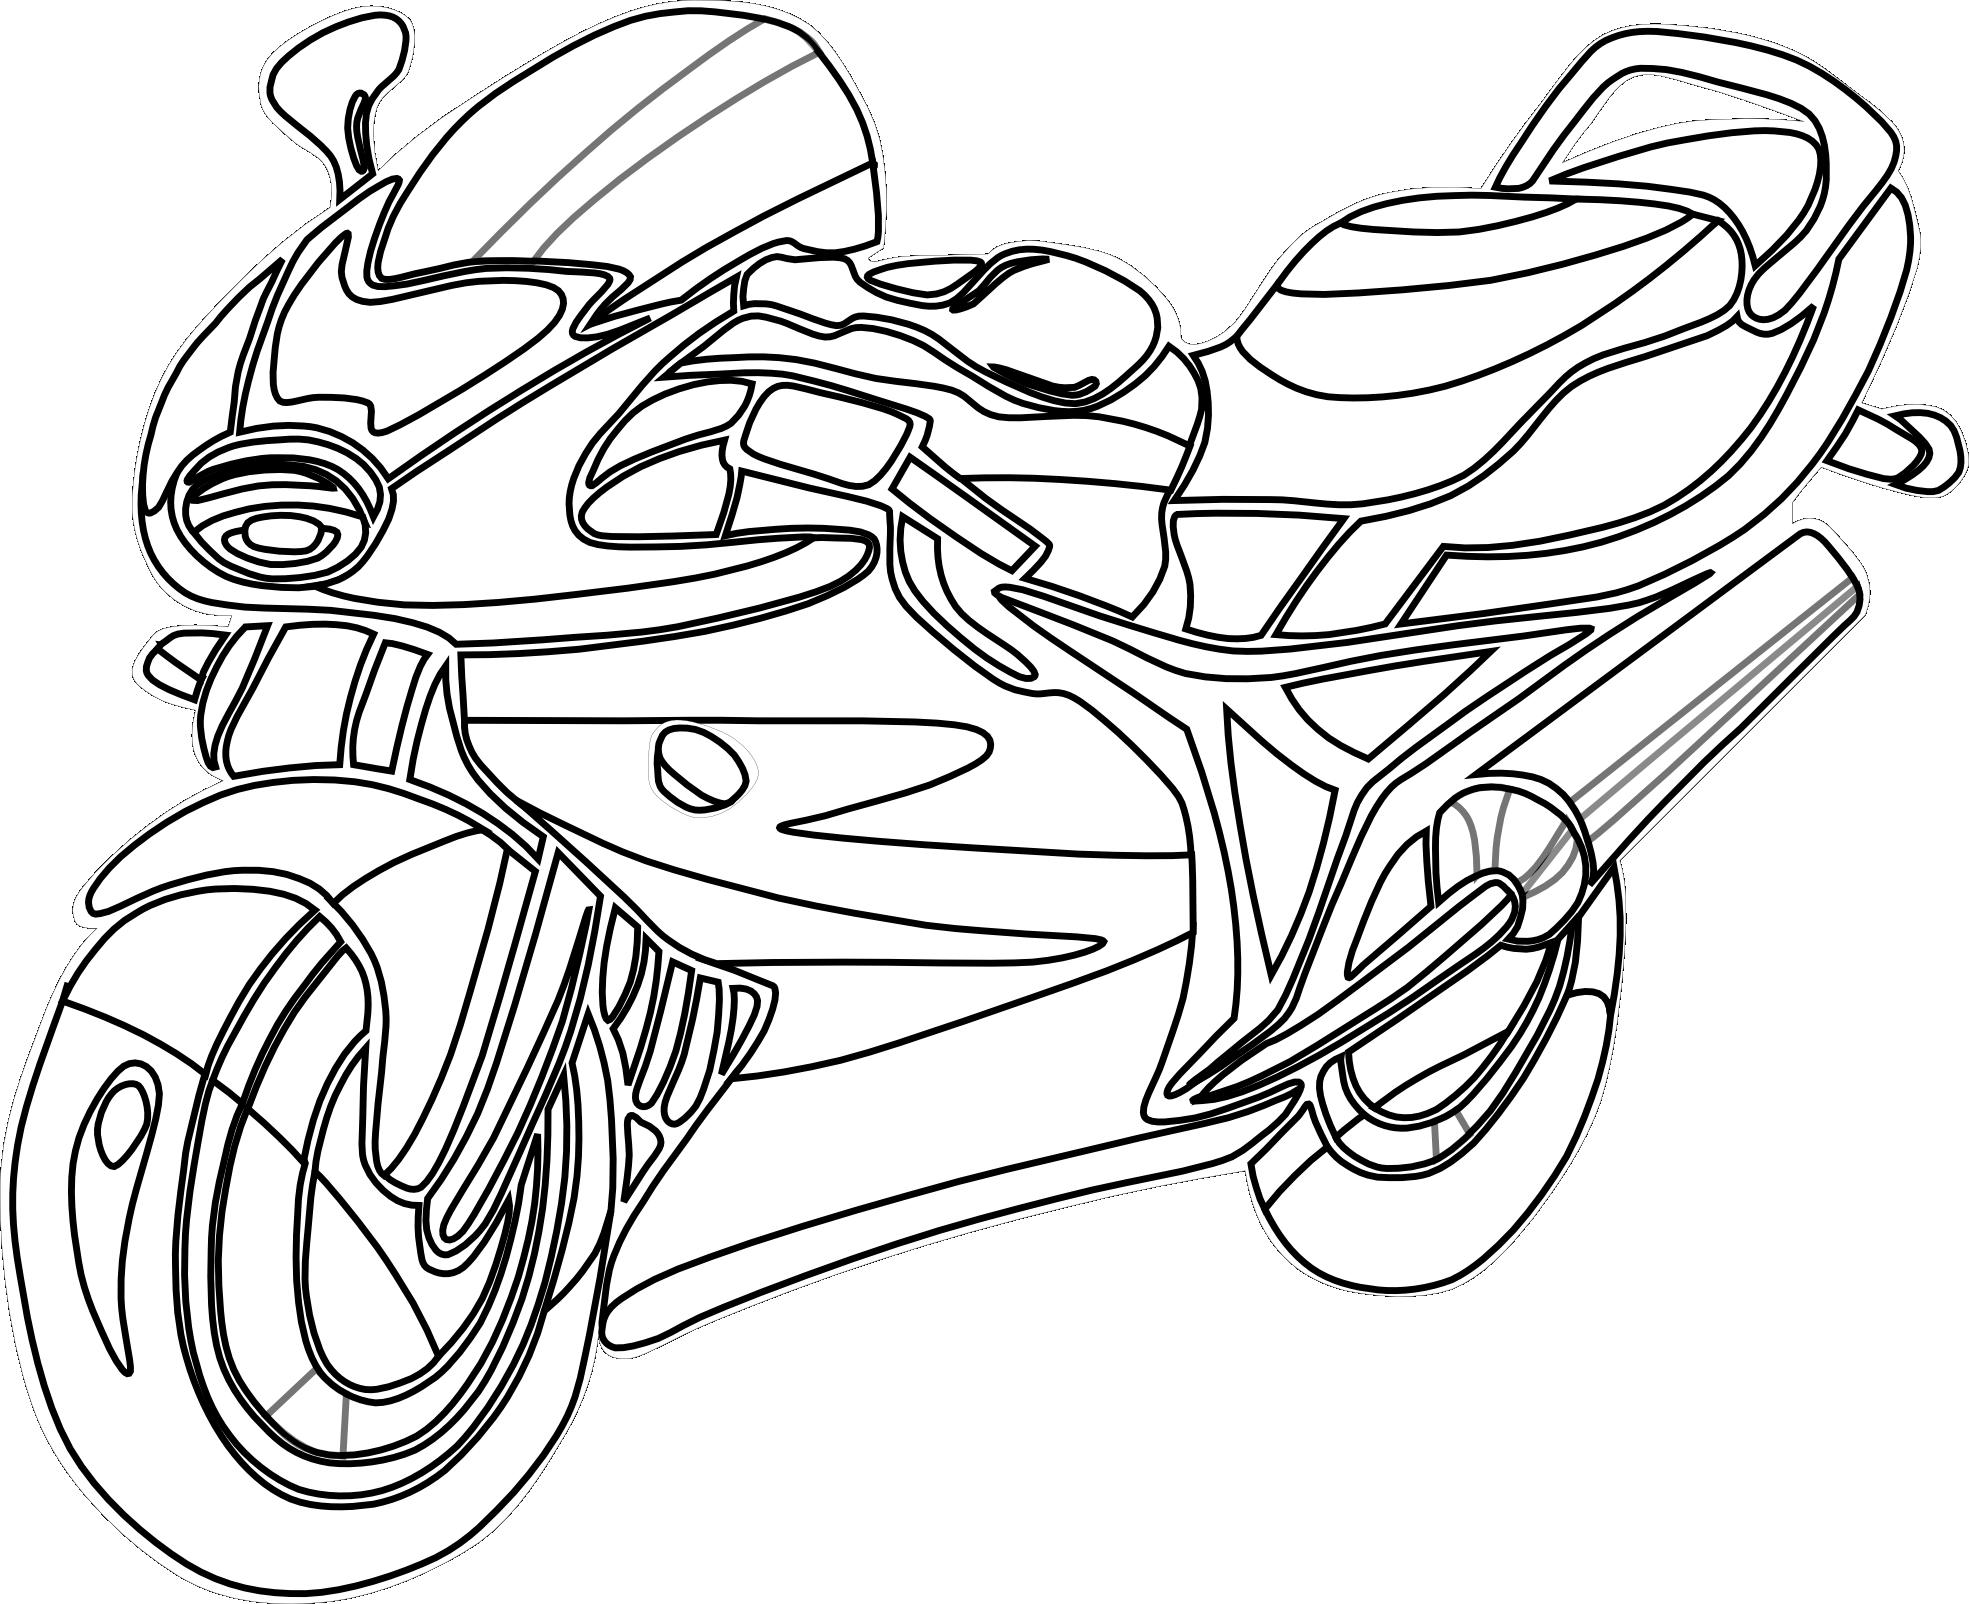 Motos coloring #9, Download drawings